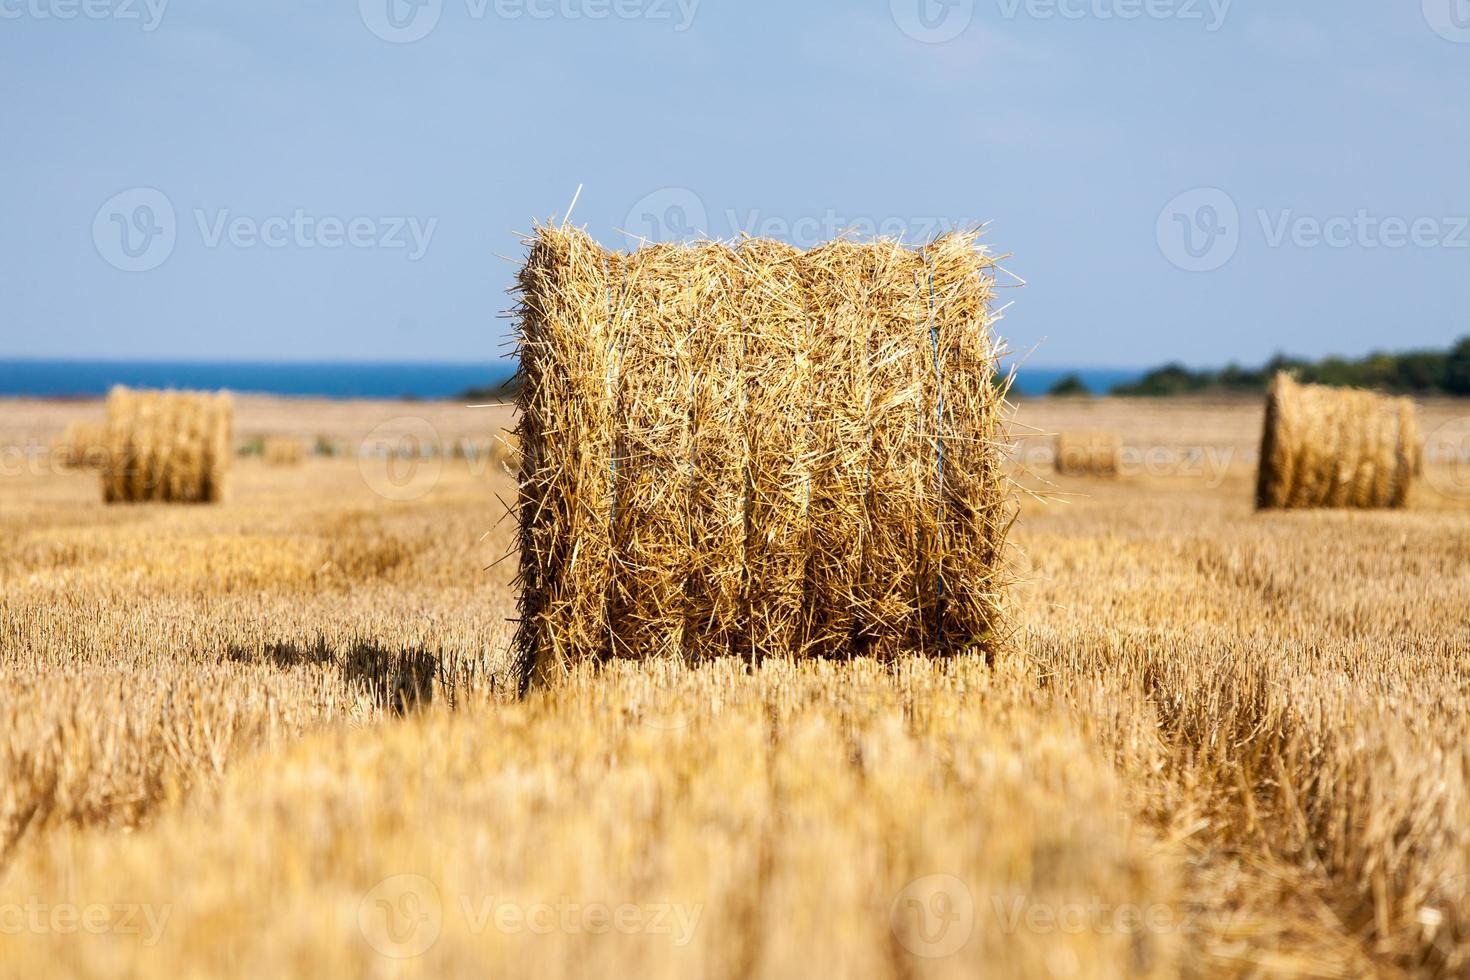 Champ de blé vallonné récolté avec des ballots de paille photo